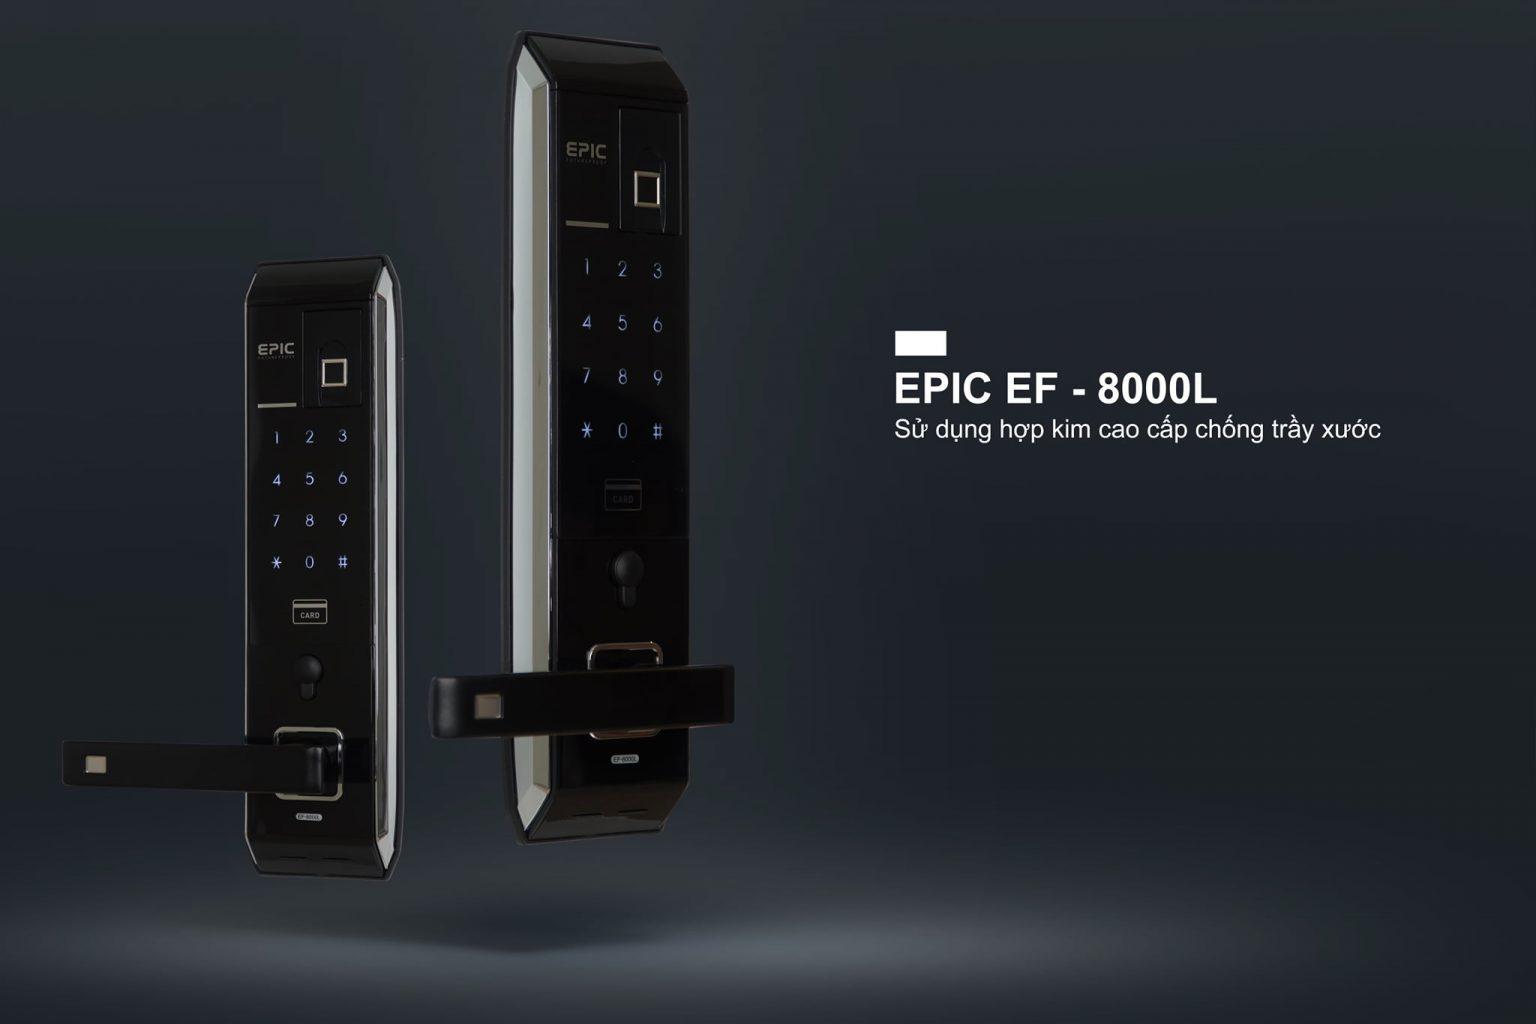 chất liệu hợp kim cao cấp bền của khóa vân tay epic 8000L